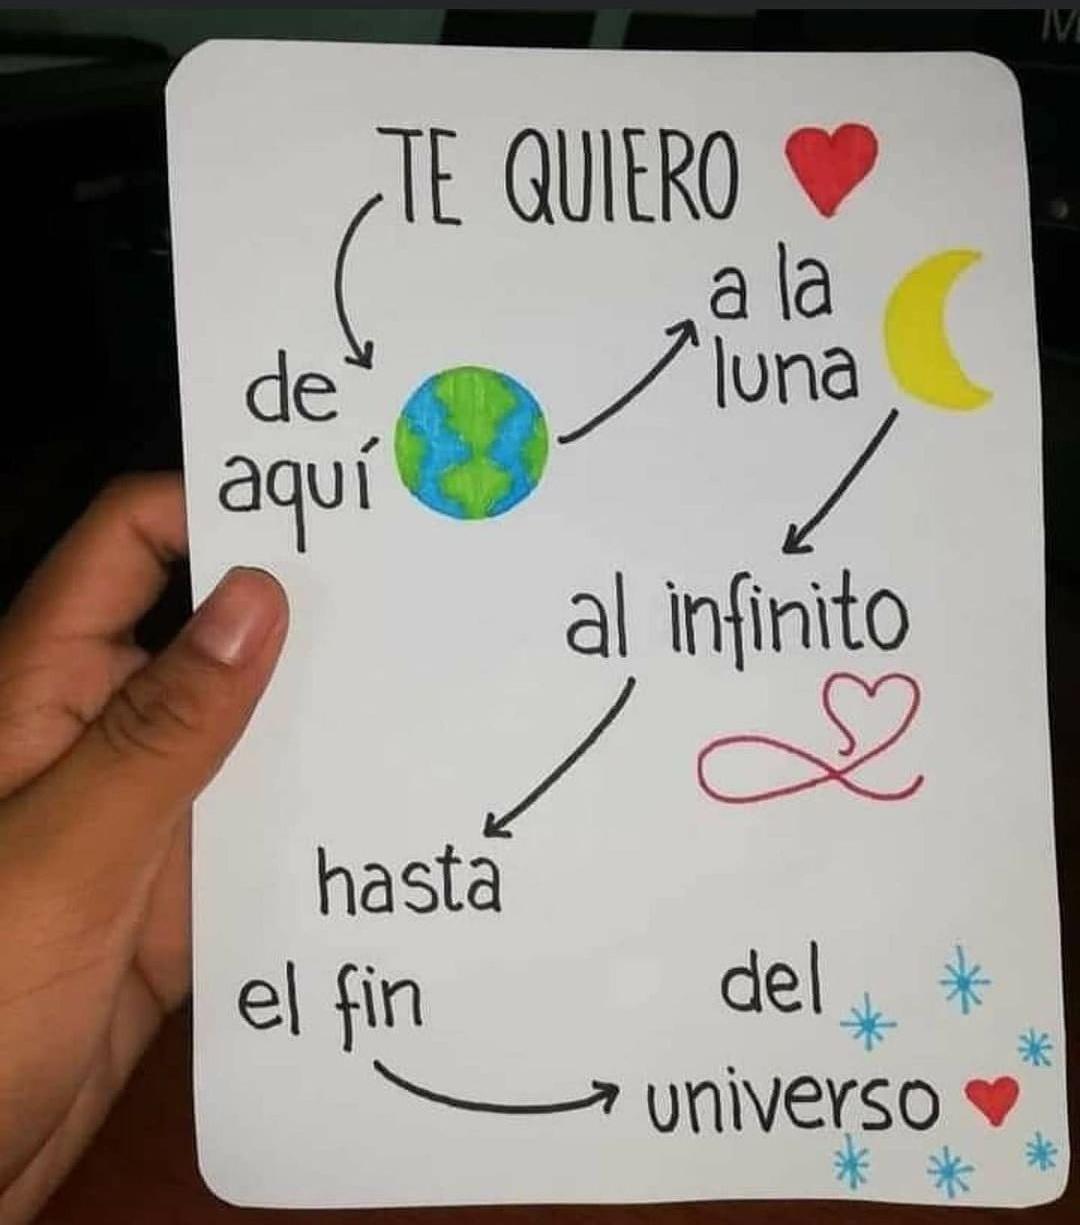 Te quiero de aquí al mundo a la luna y al infinito hasta el fin del universo